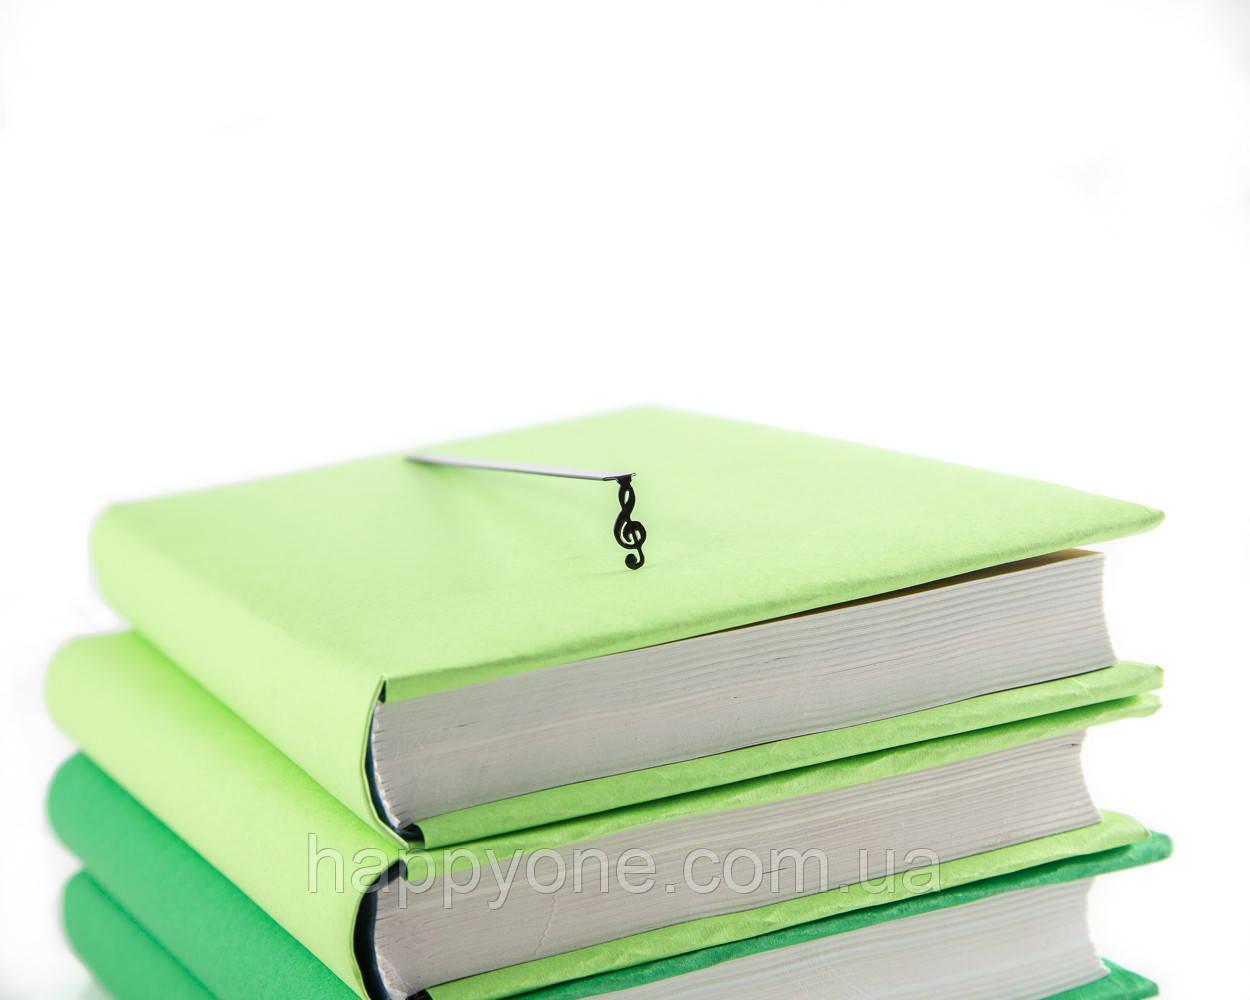 Закладка для книг Скрипичный ключ